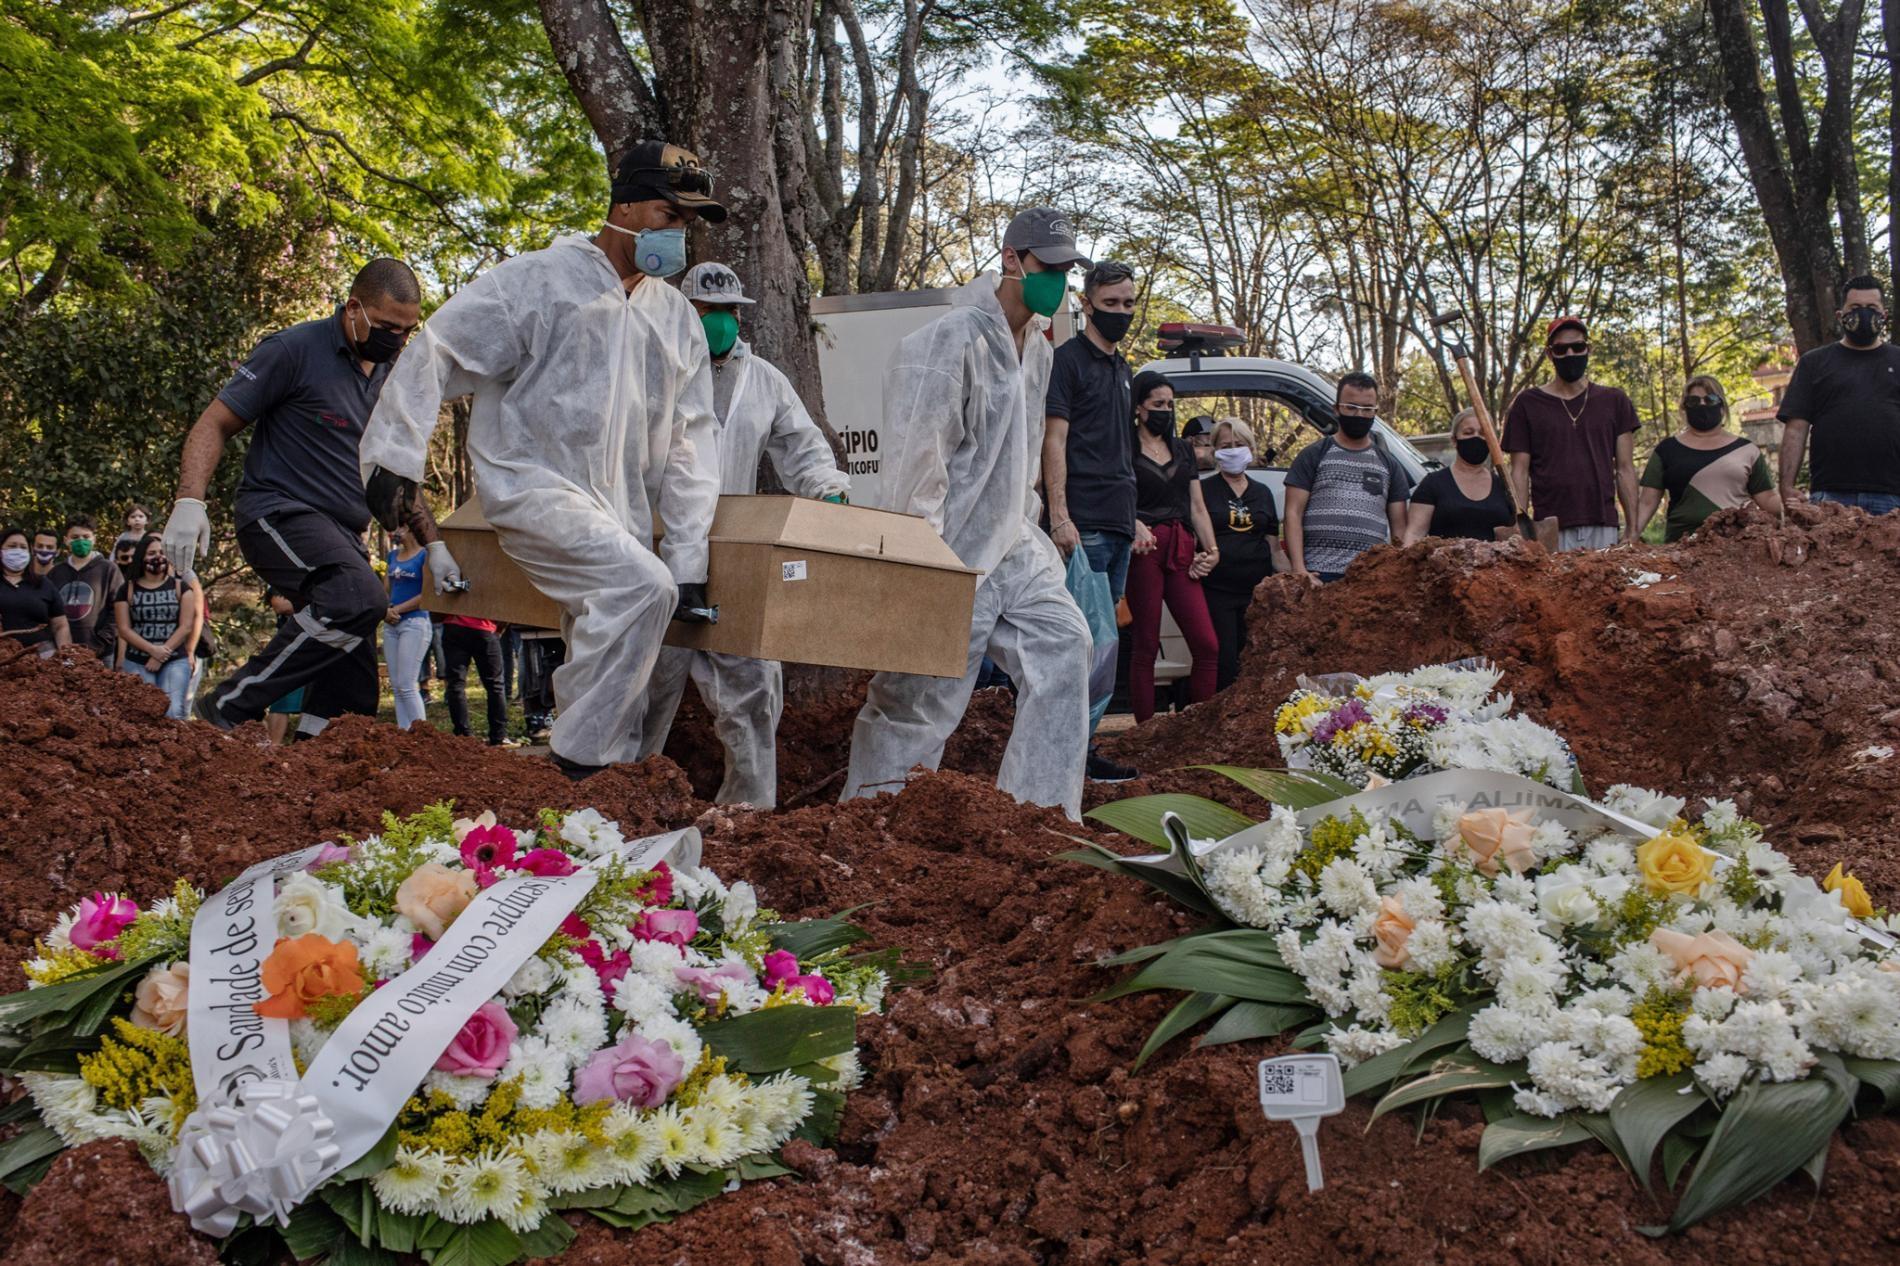 2020年7月7日,掘墓工人把冠狀病毒死者葬在巴西聖保羅的美麗村墓園(Vila Formosa Cemetery)。PHOTOGRAPH BY VICTOR MORIYAMA, THE NEW YORK TIMES VIA REDUX